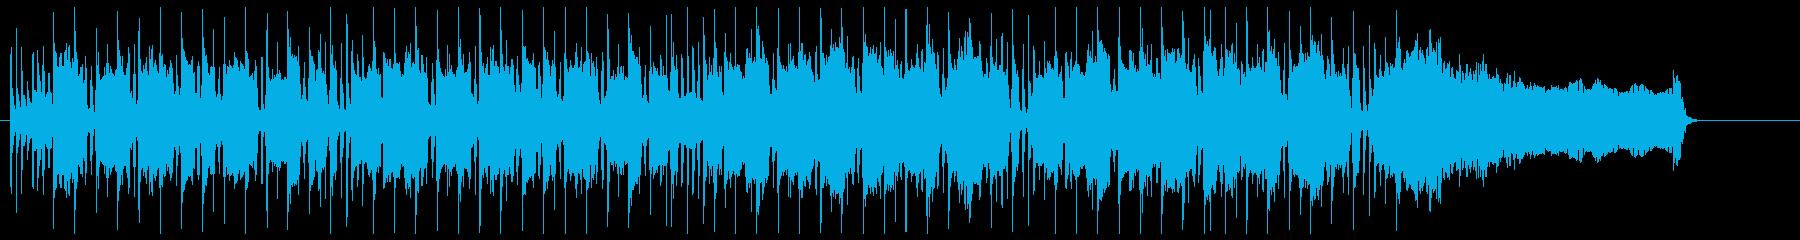 ハードロックとブラスの勇ましいBGMの再生済みの波形